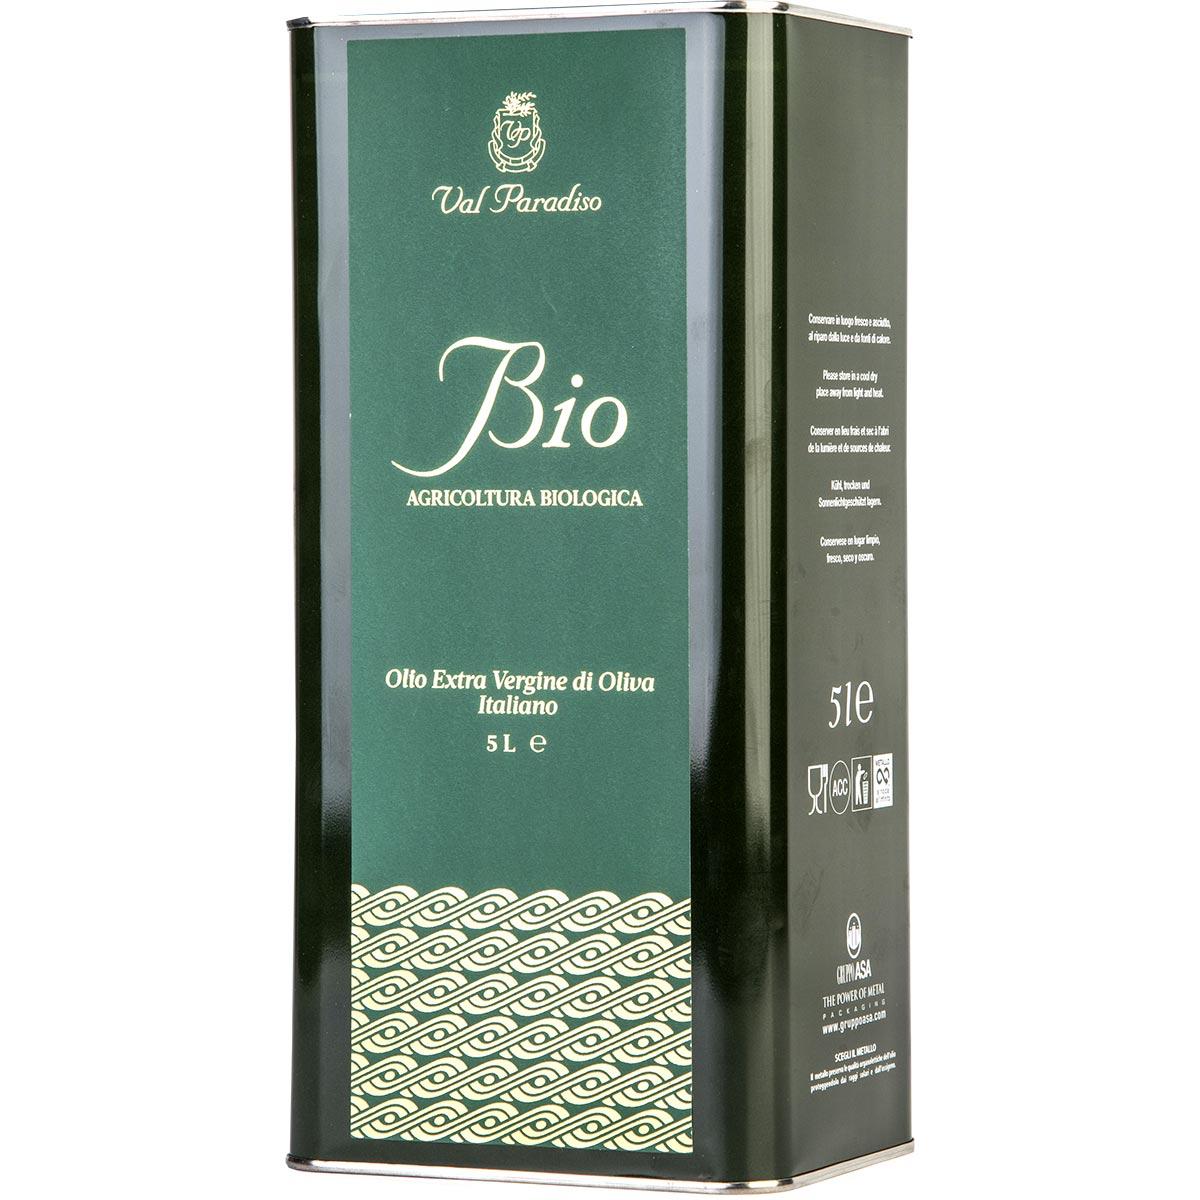 Olio biologico Val Paradiso - Latta da 5 litri